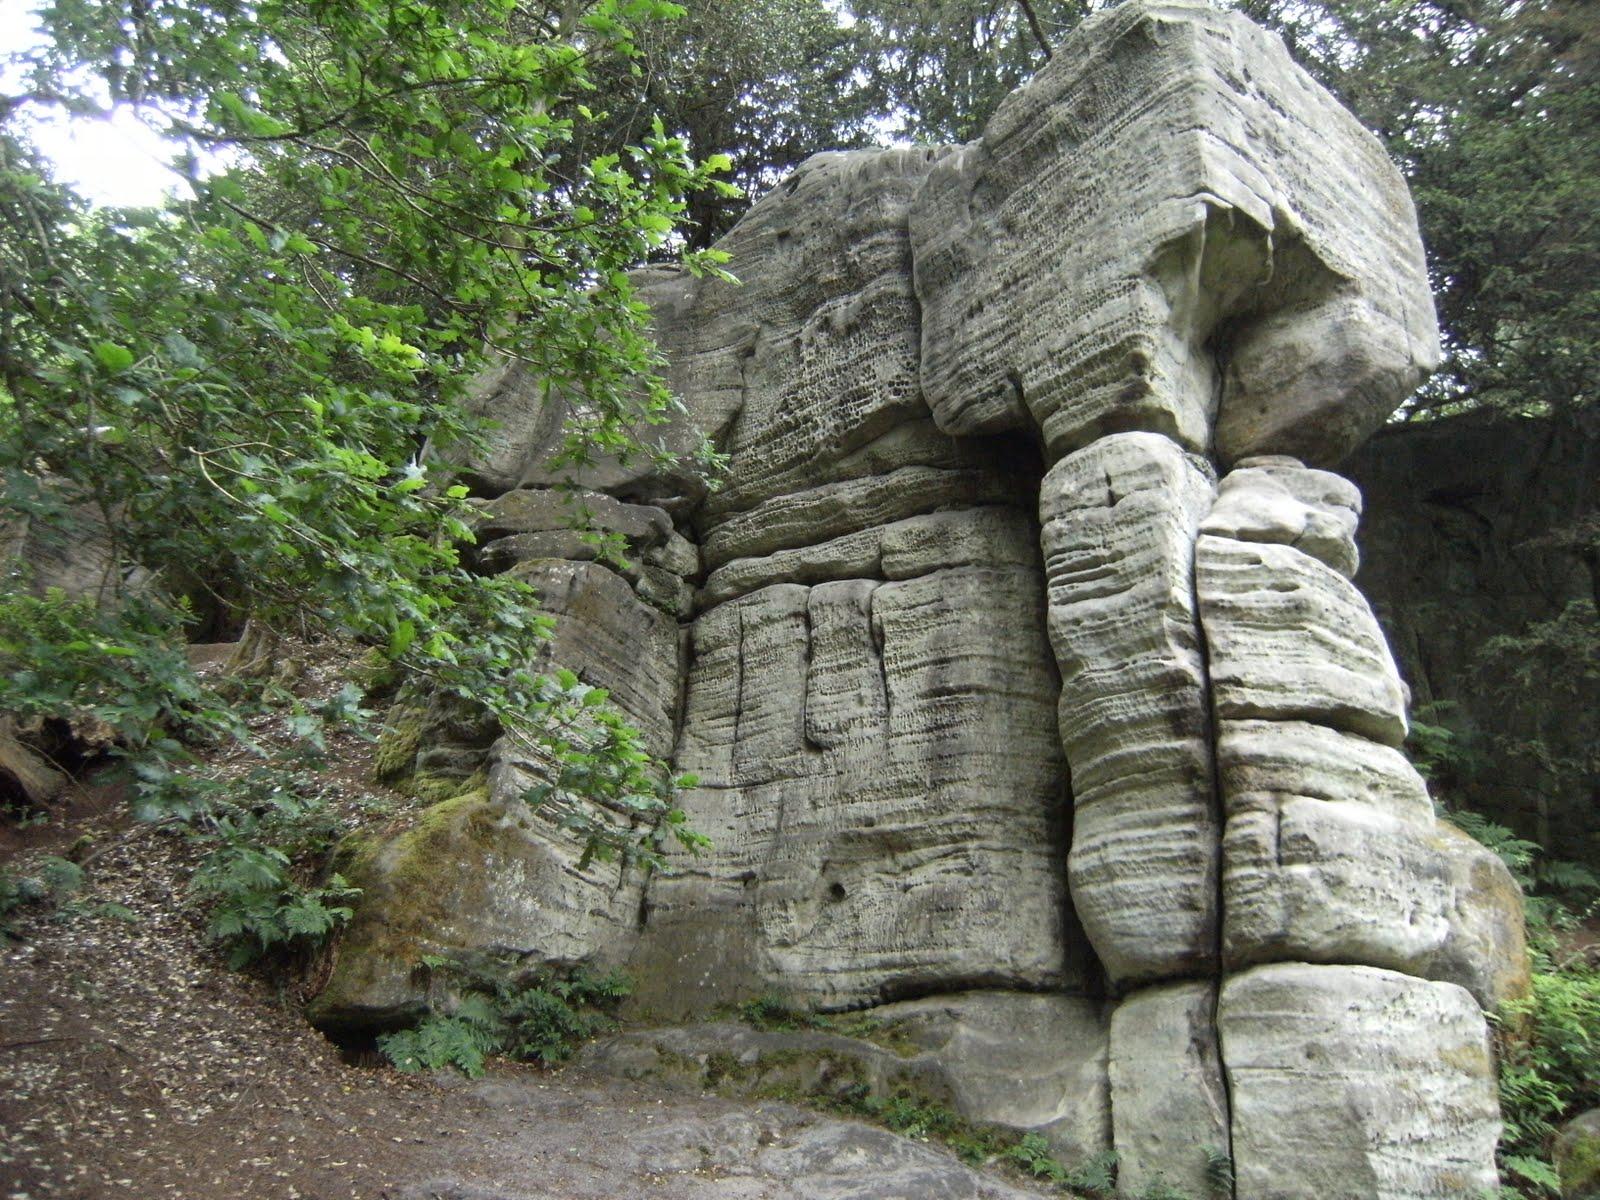 DSCF8239 Eridge Rocks